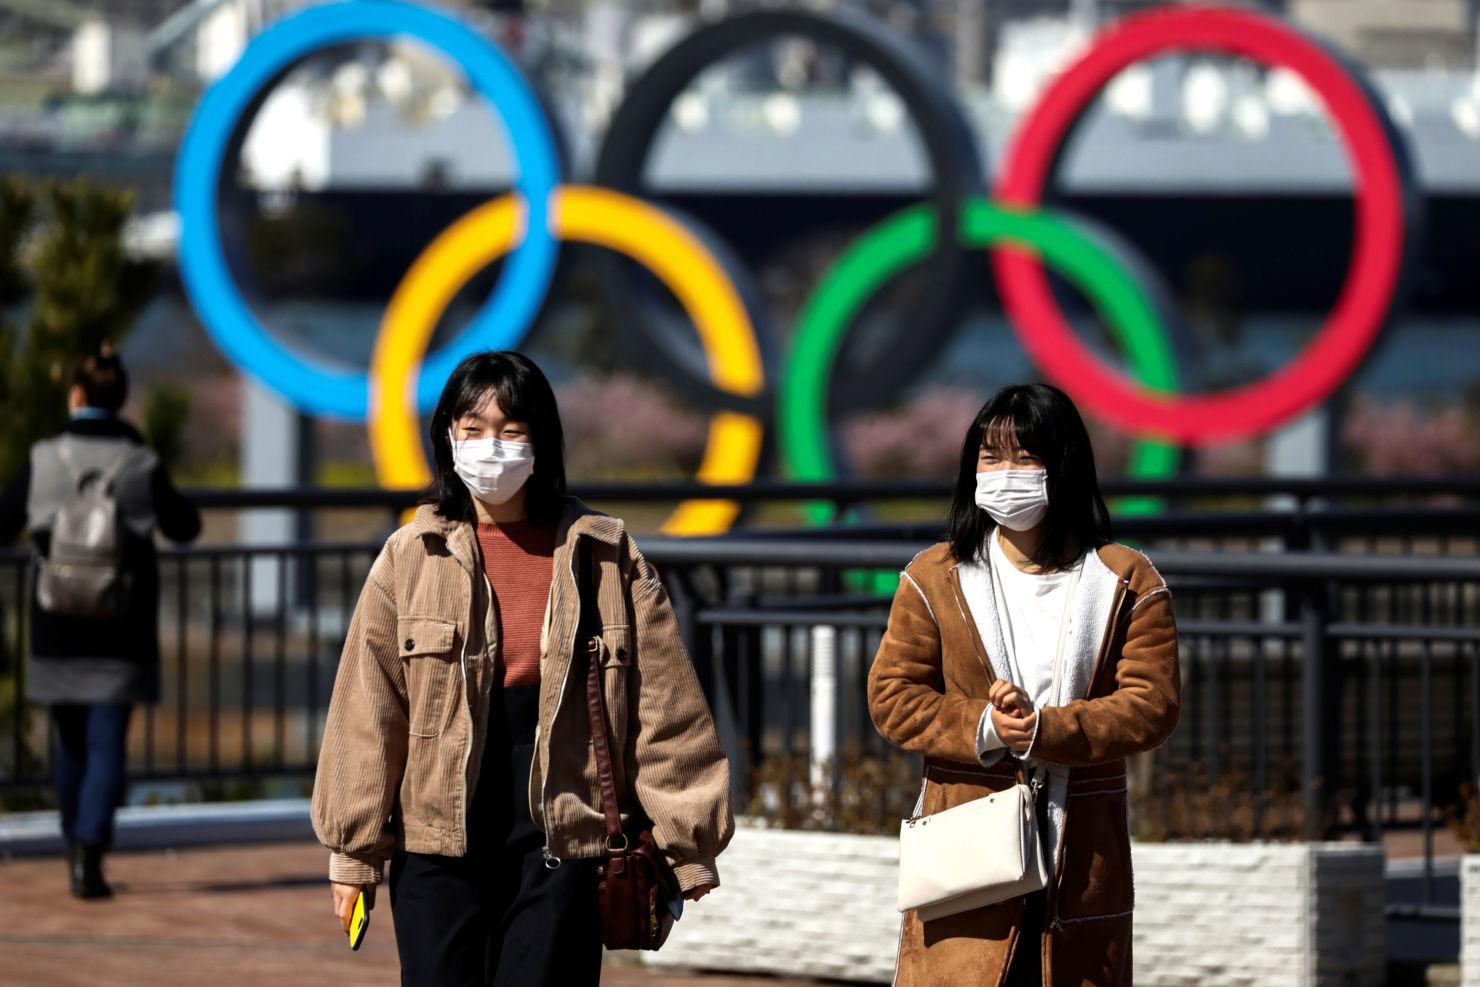 Así iba a ser la música al inicio de los Juegos Olímpicos de Tokio